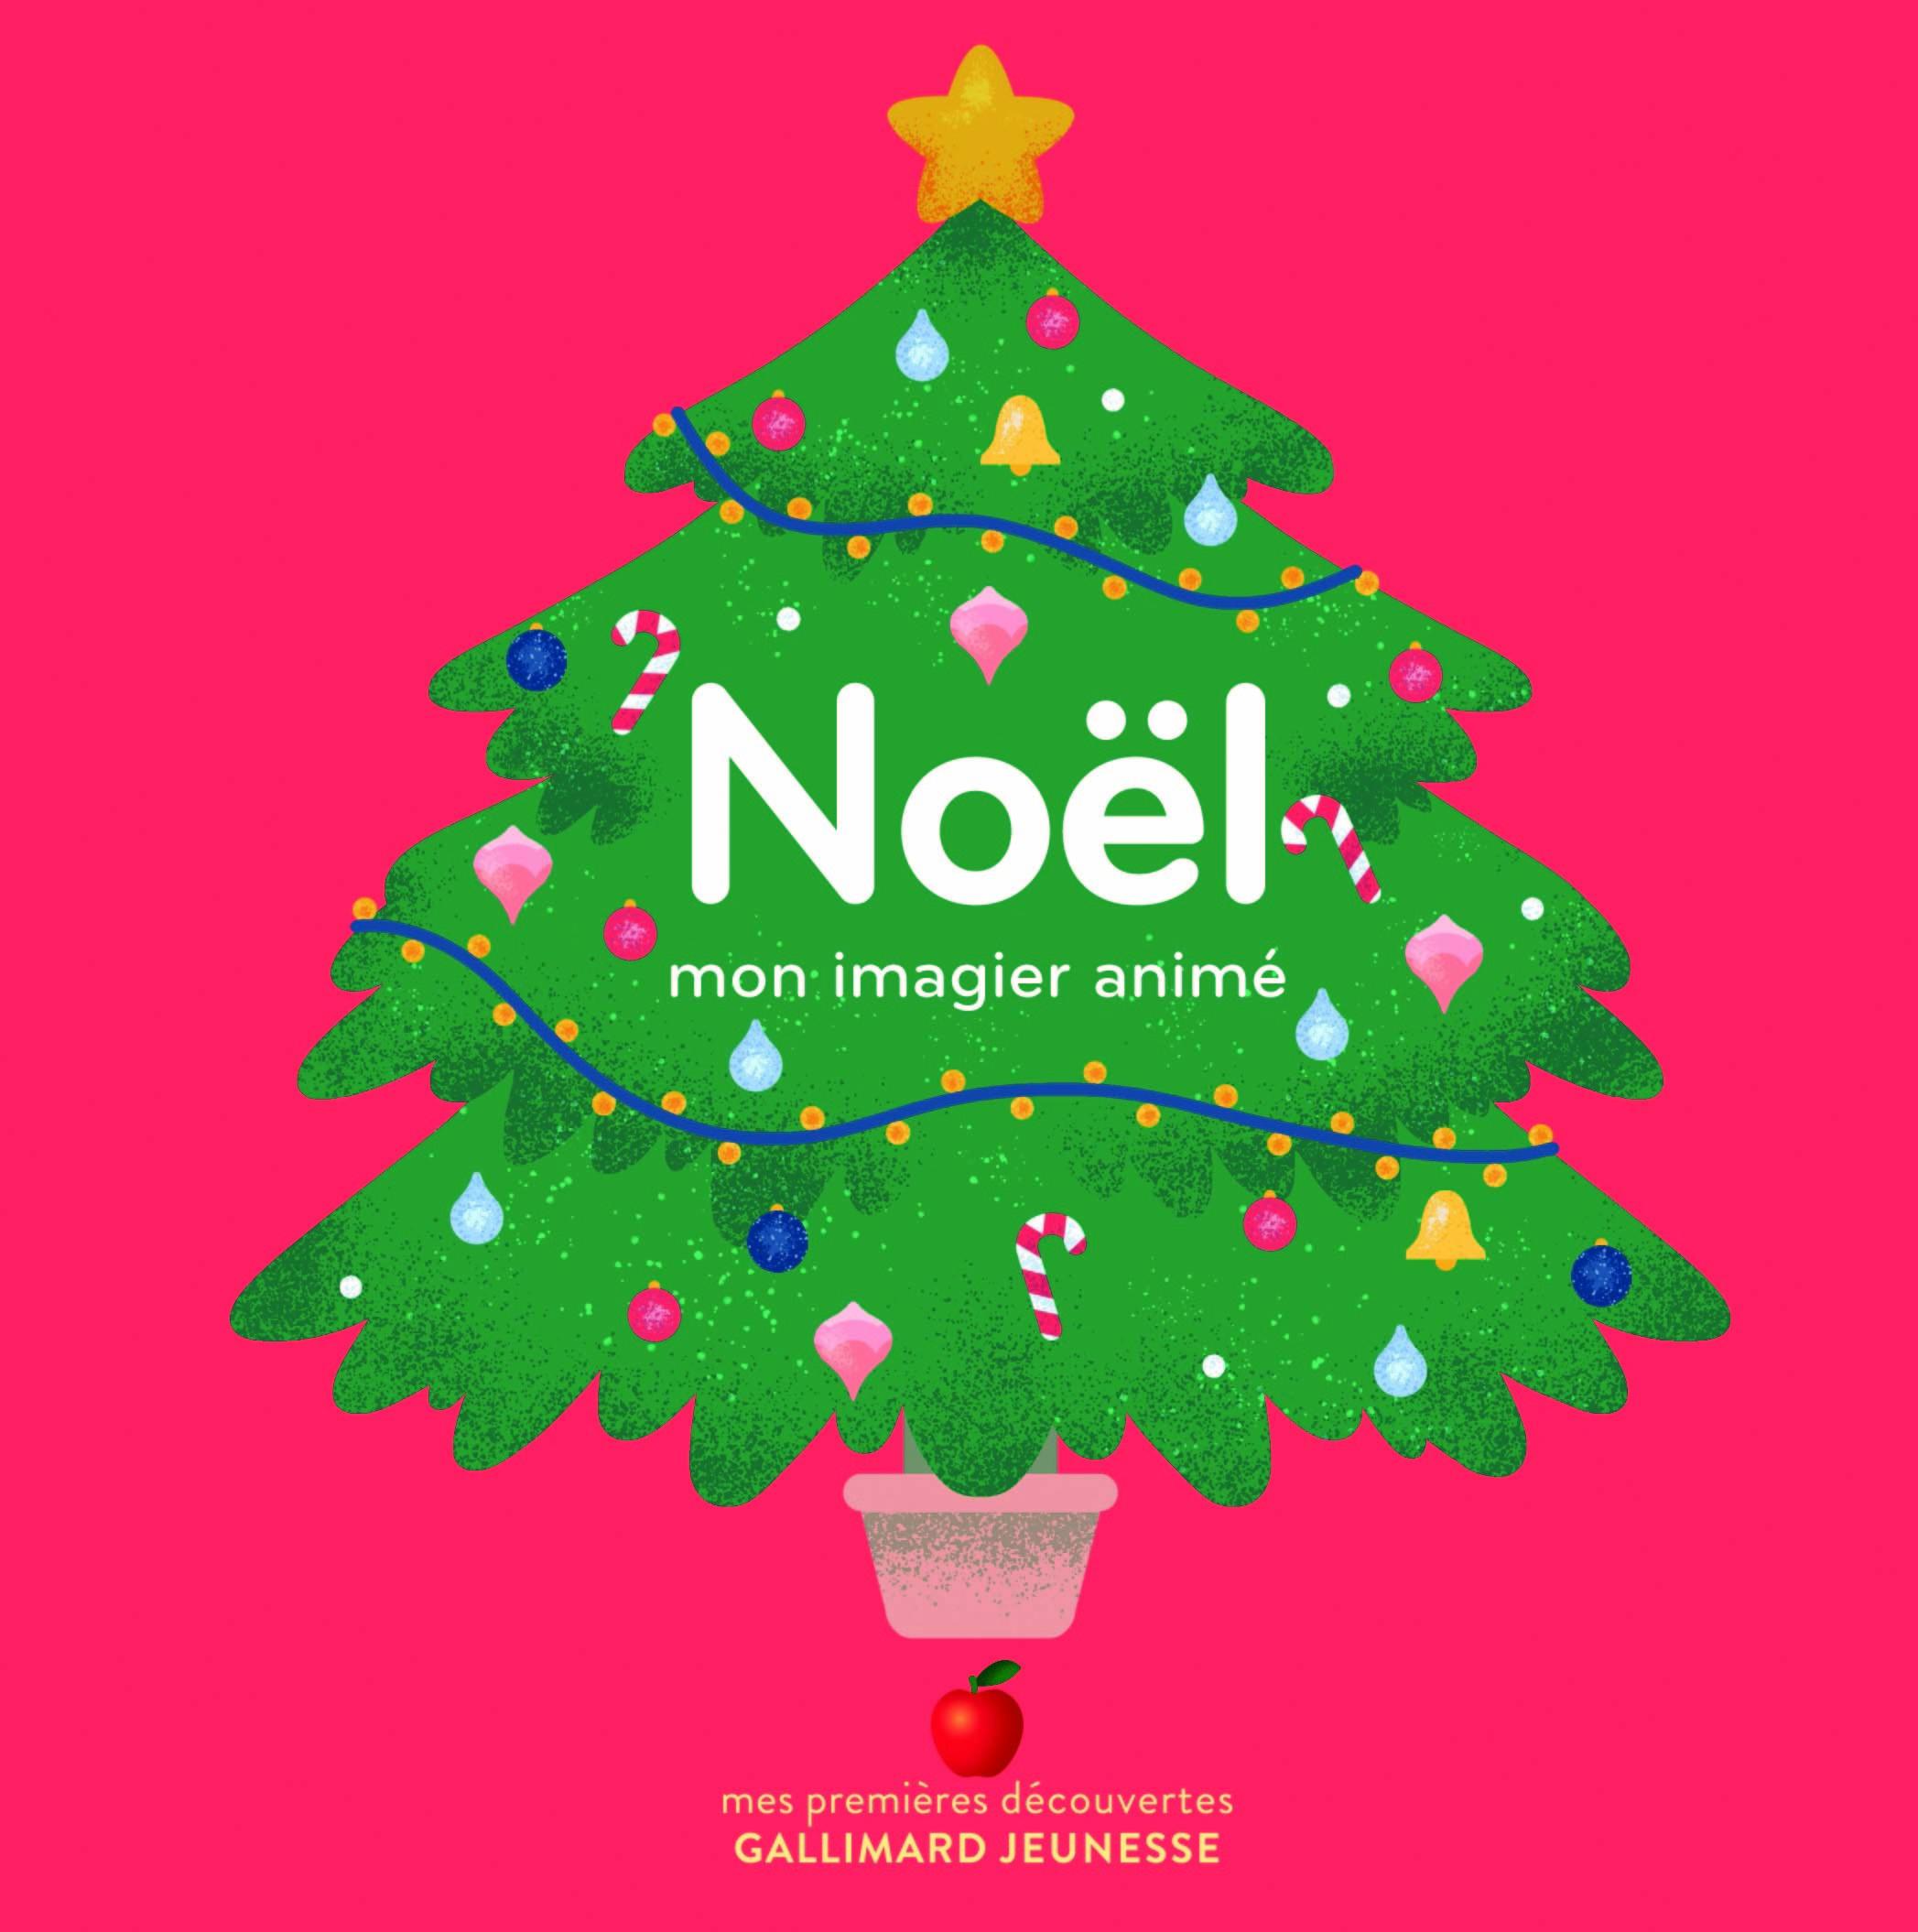 NOEL - MON IMAGIER ANIME